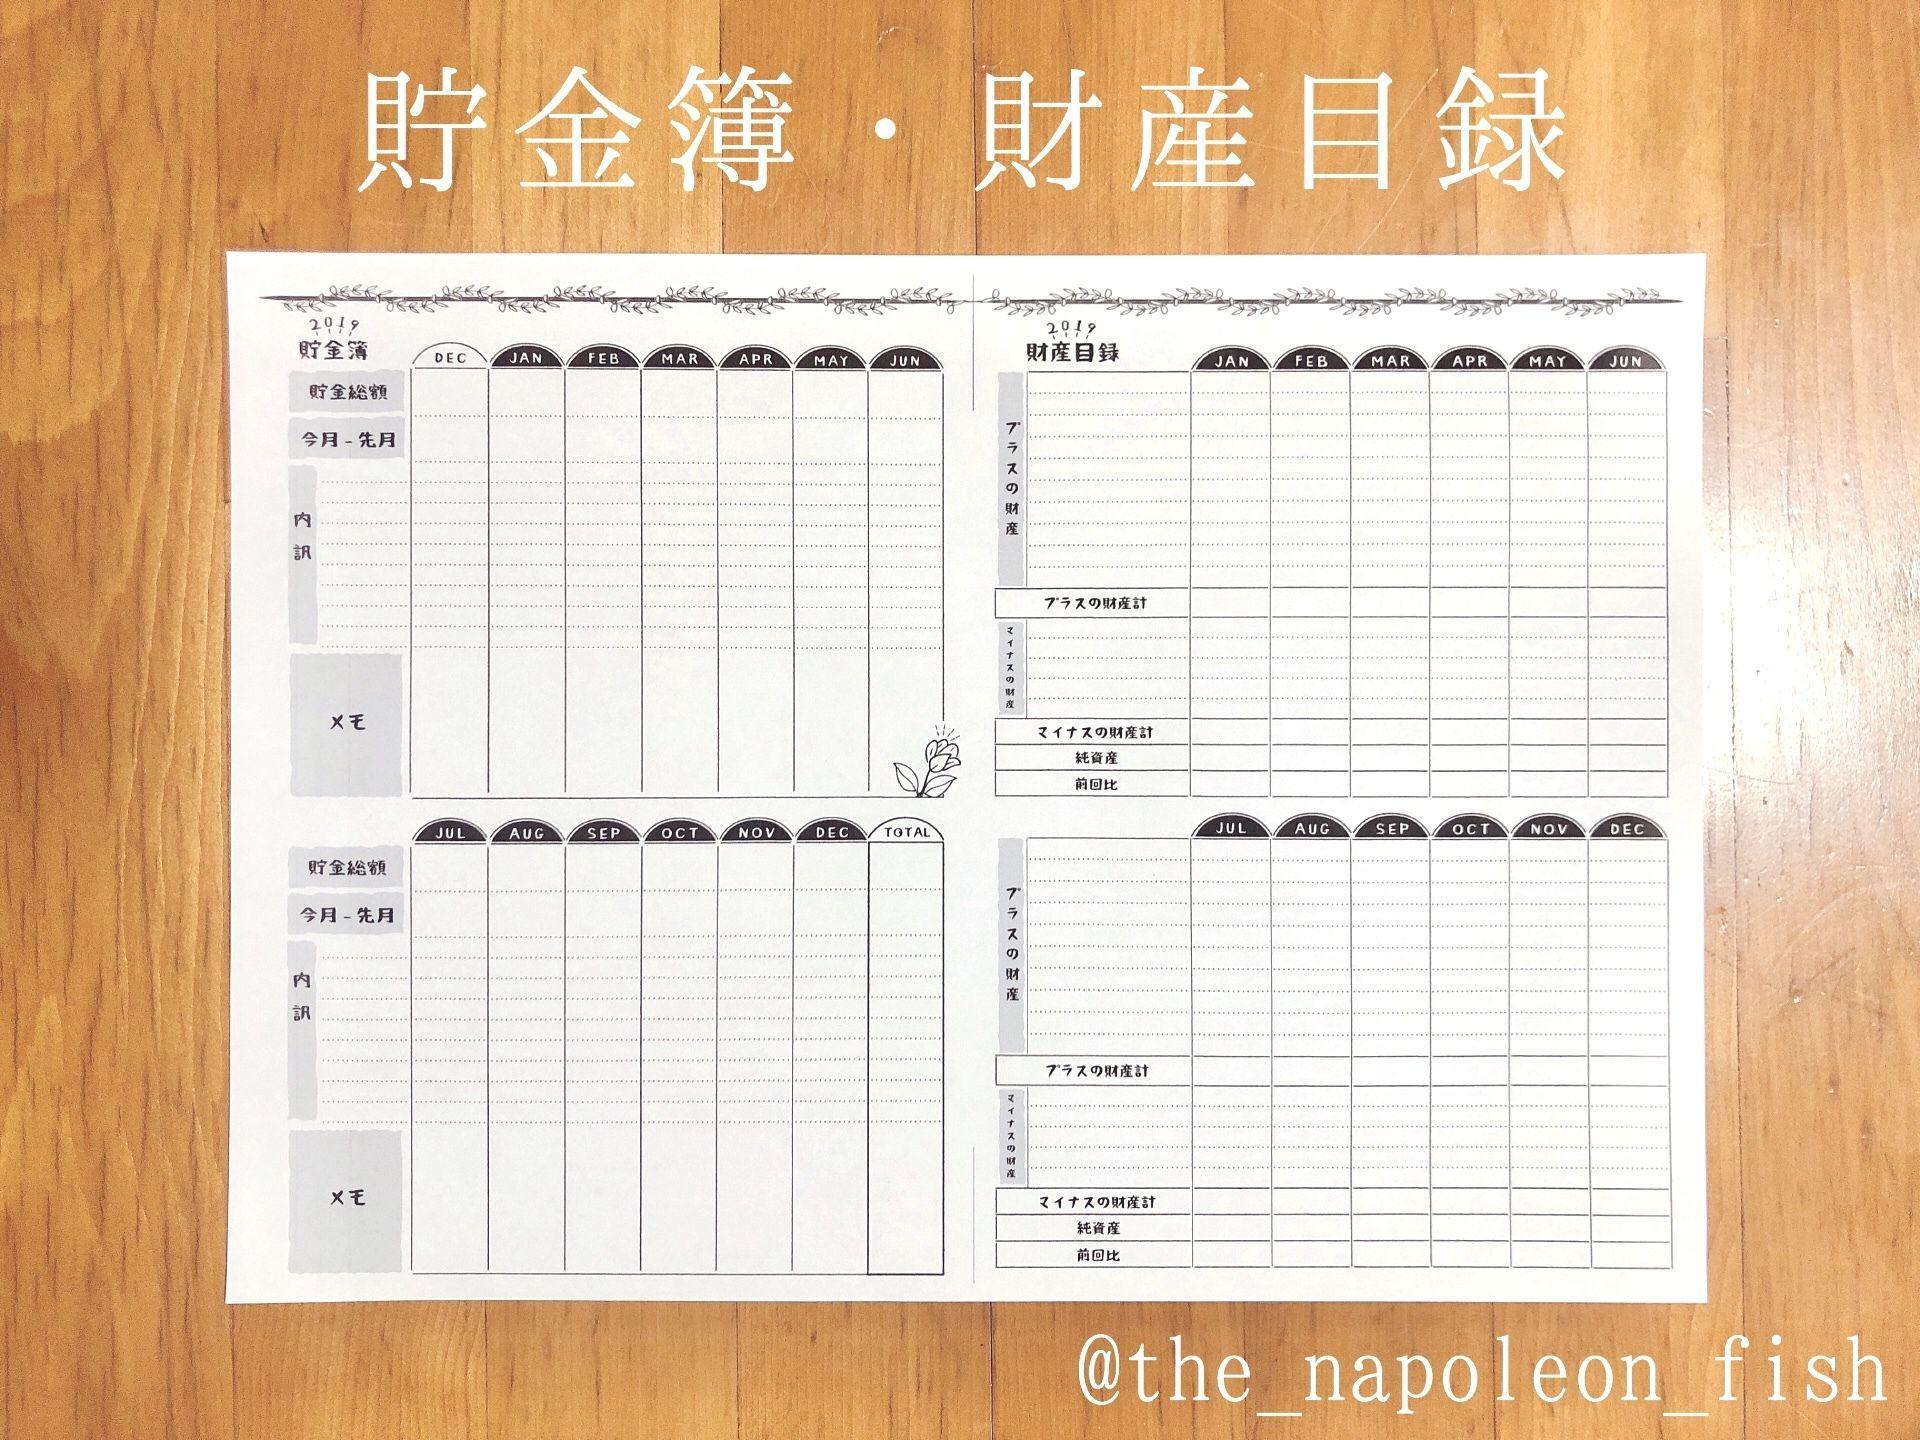 貯金簿 財産目録 やまおときょすの手描き家計簿 Powered By Base